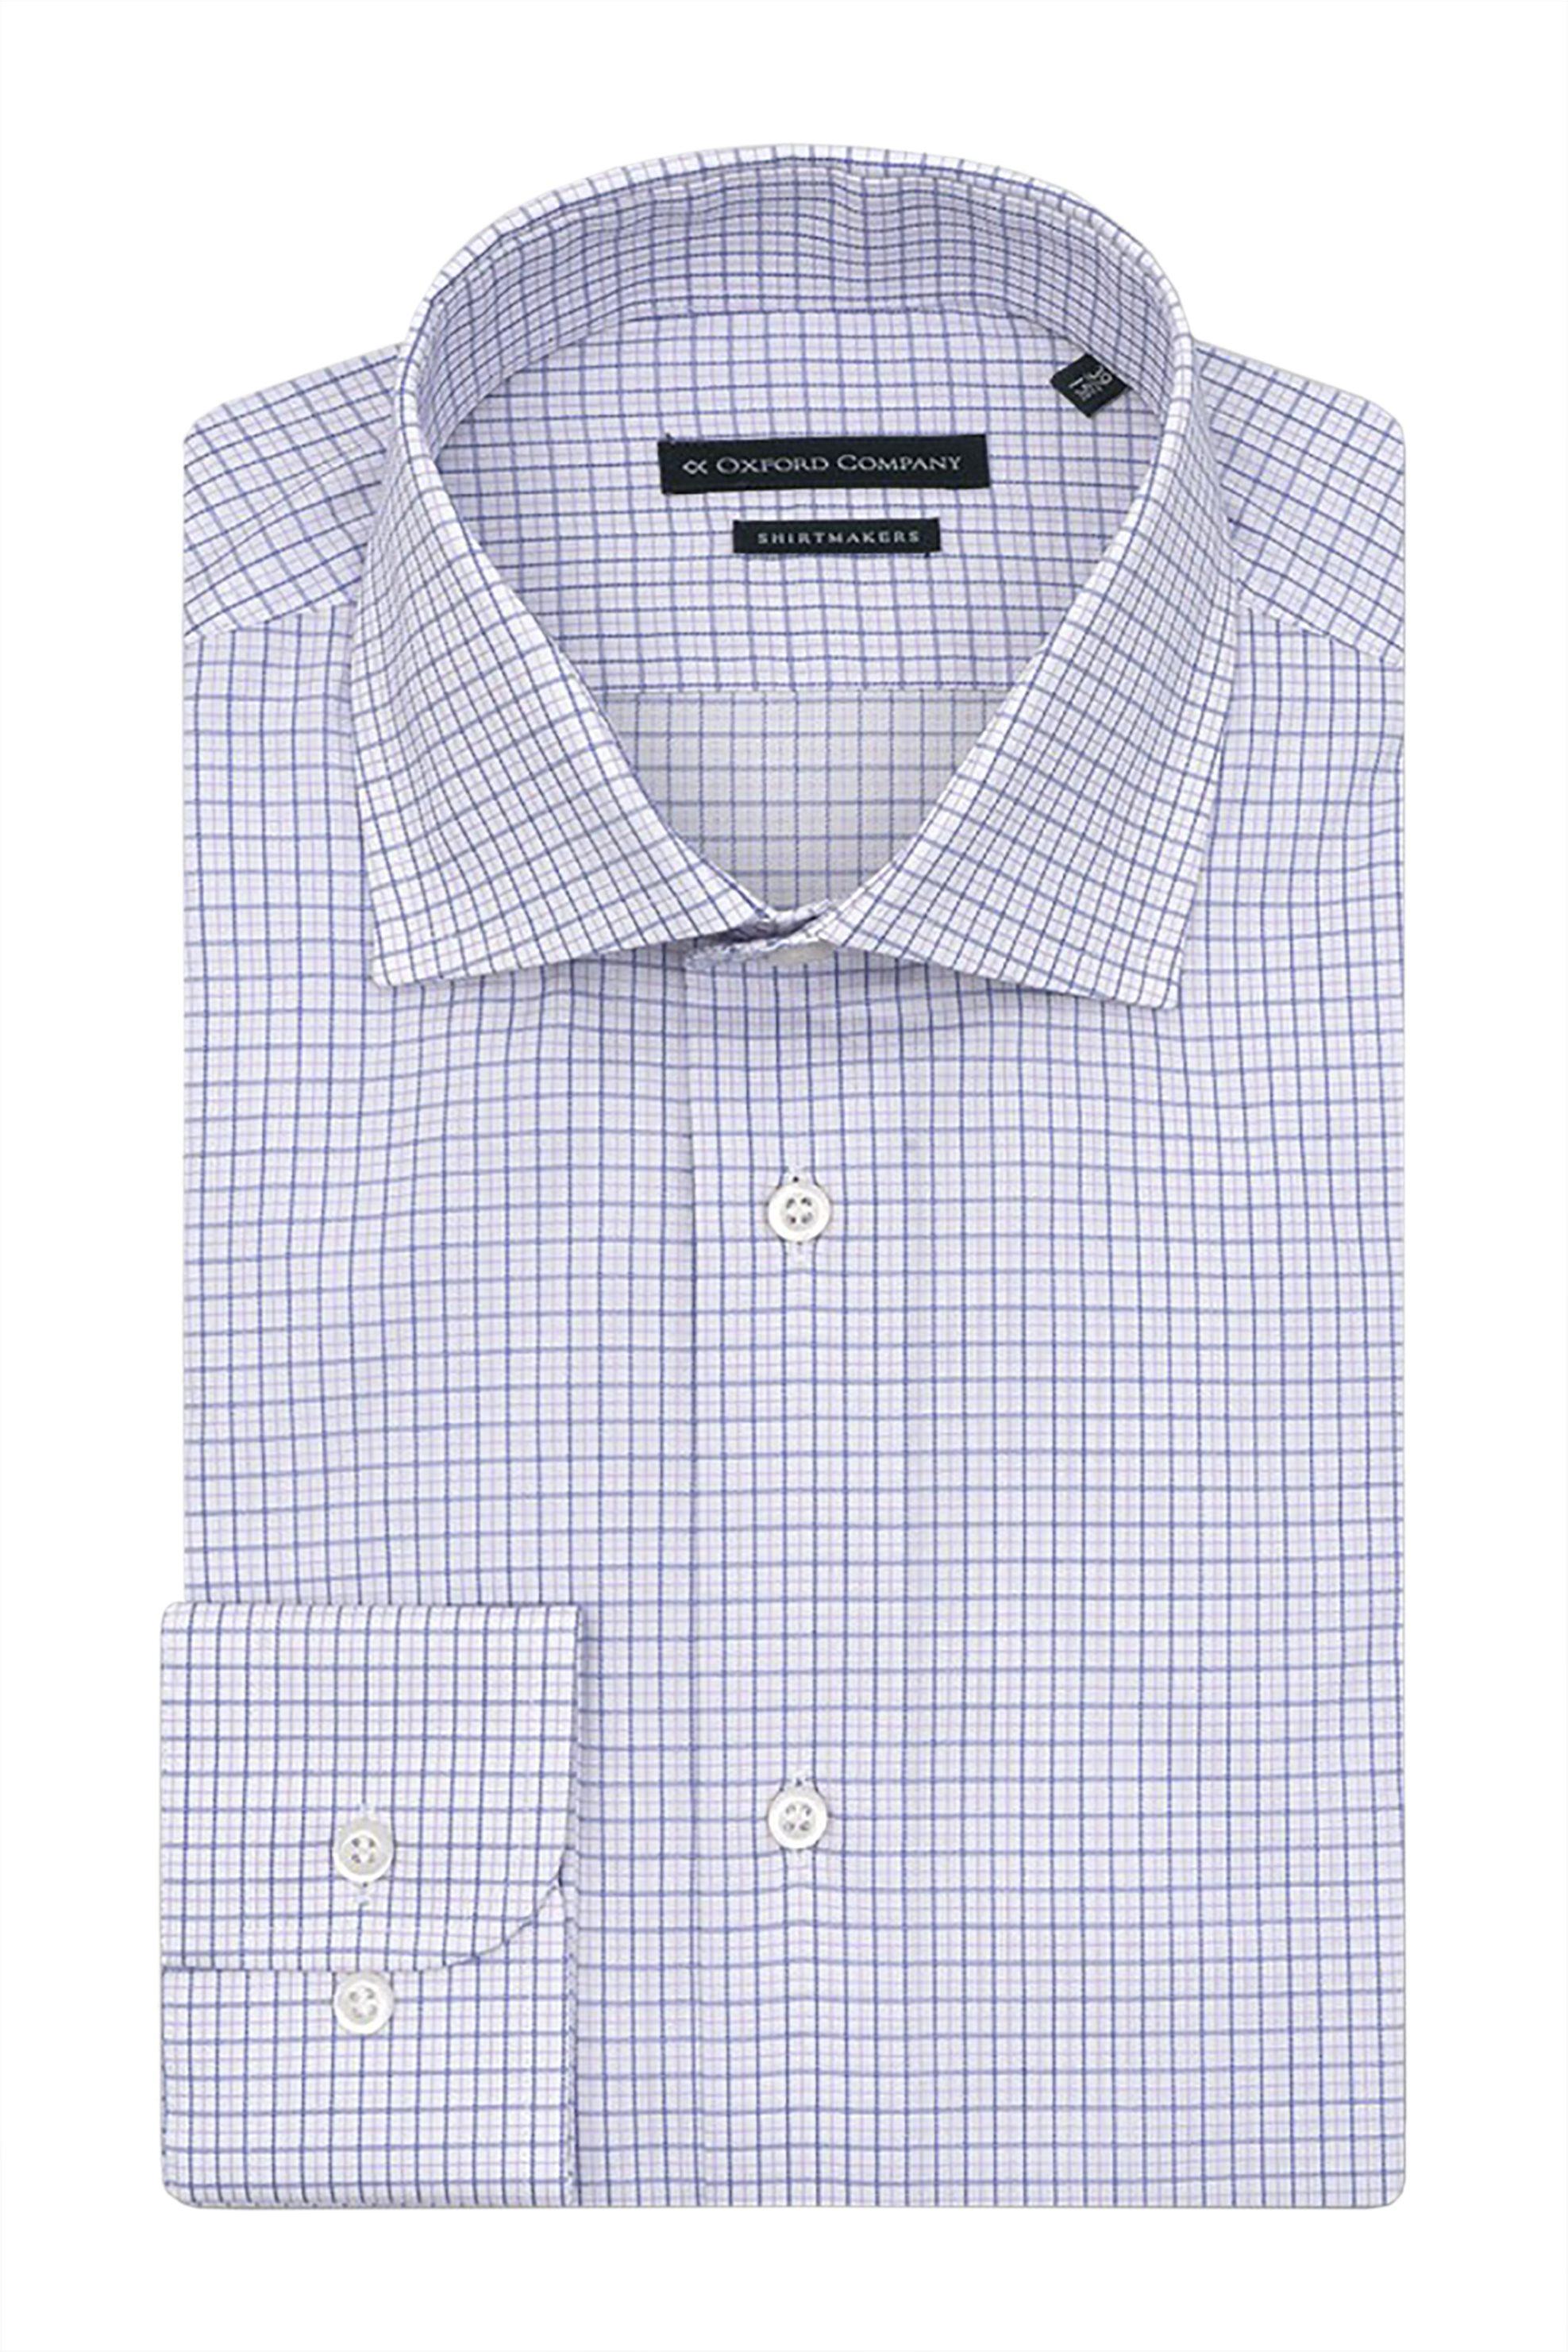 Oxford Company ανδρικό classic πουκάμισο καρό Regular Fit - M132NRO21.01 - Λευκό